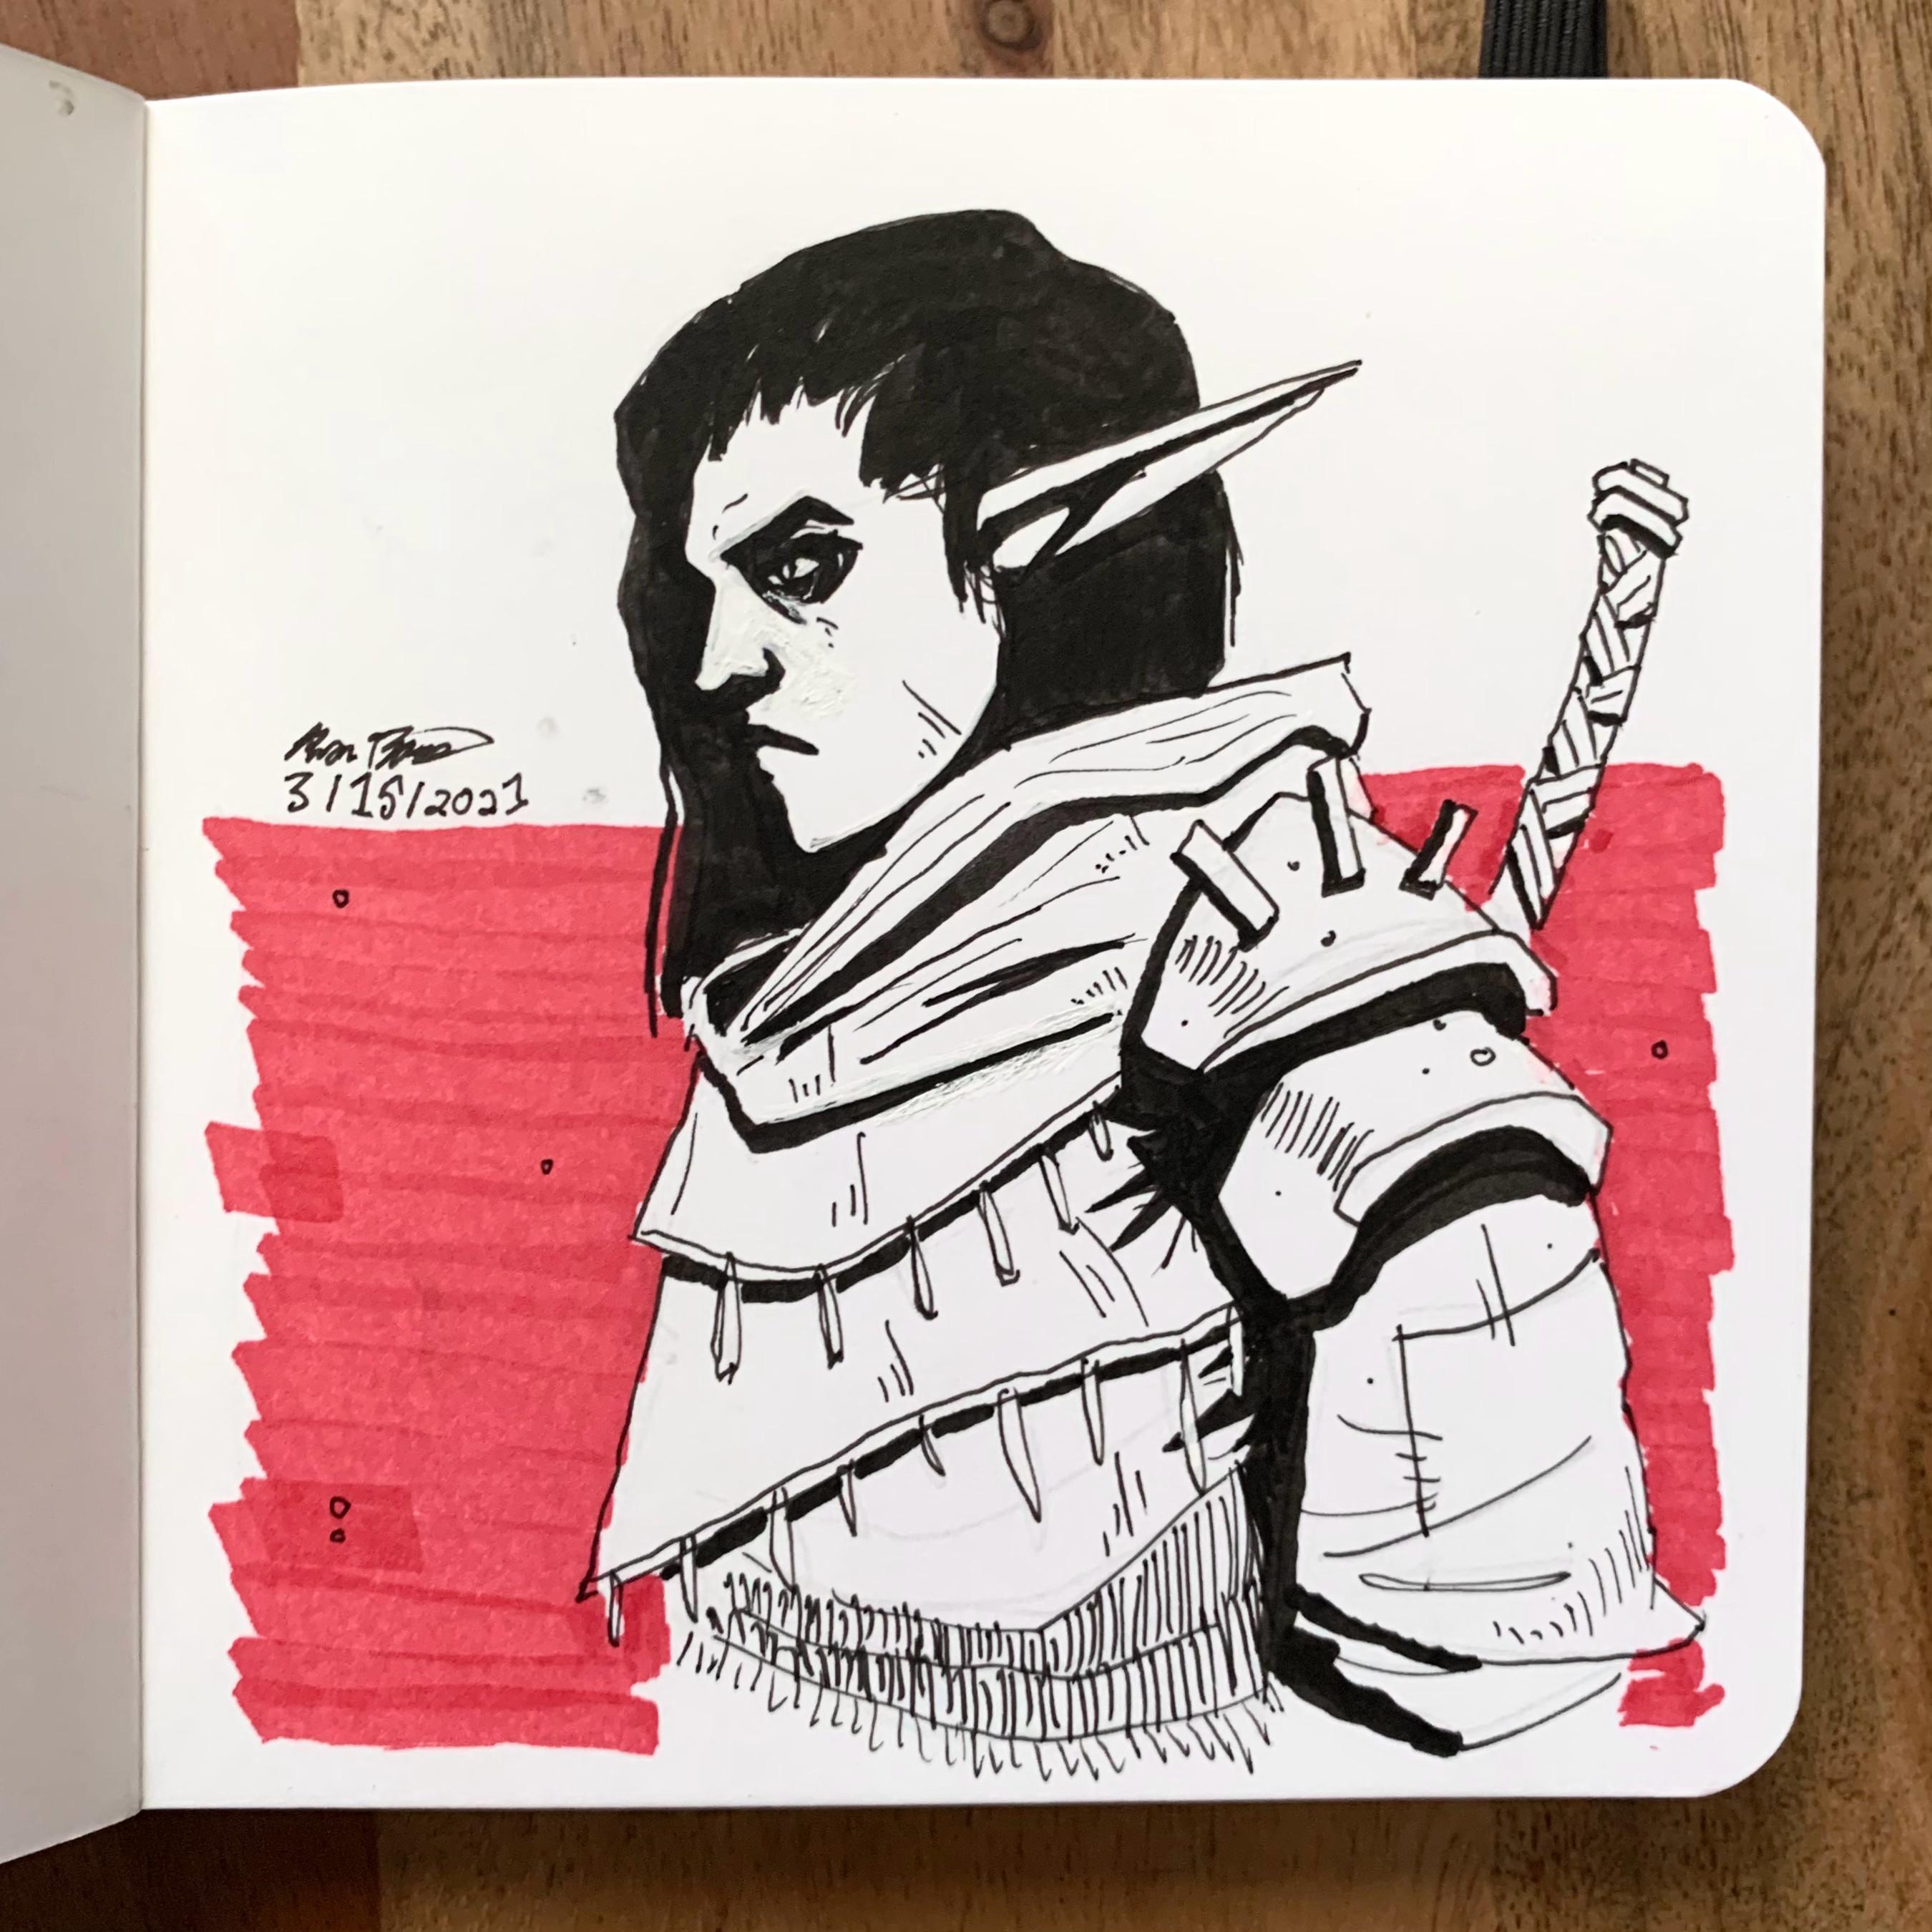 Drow Swordsman